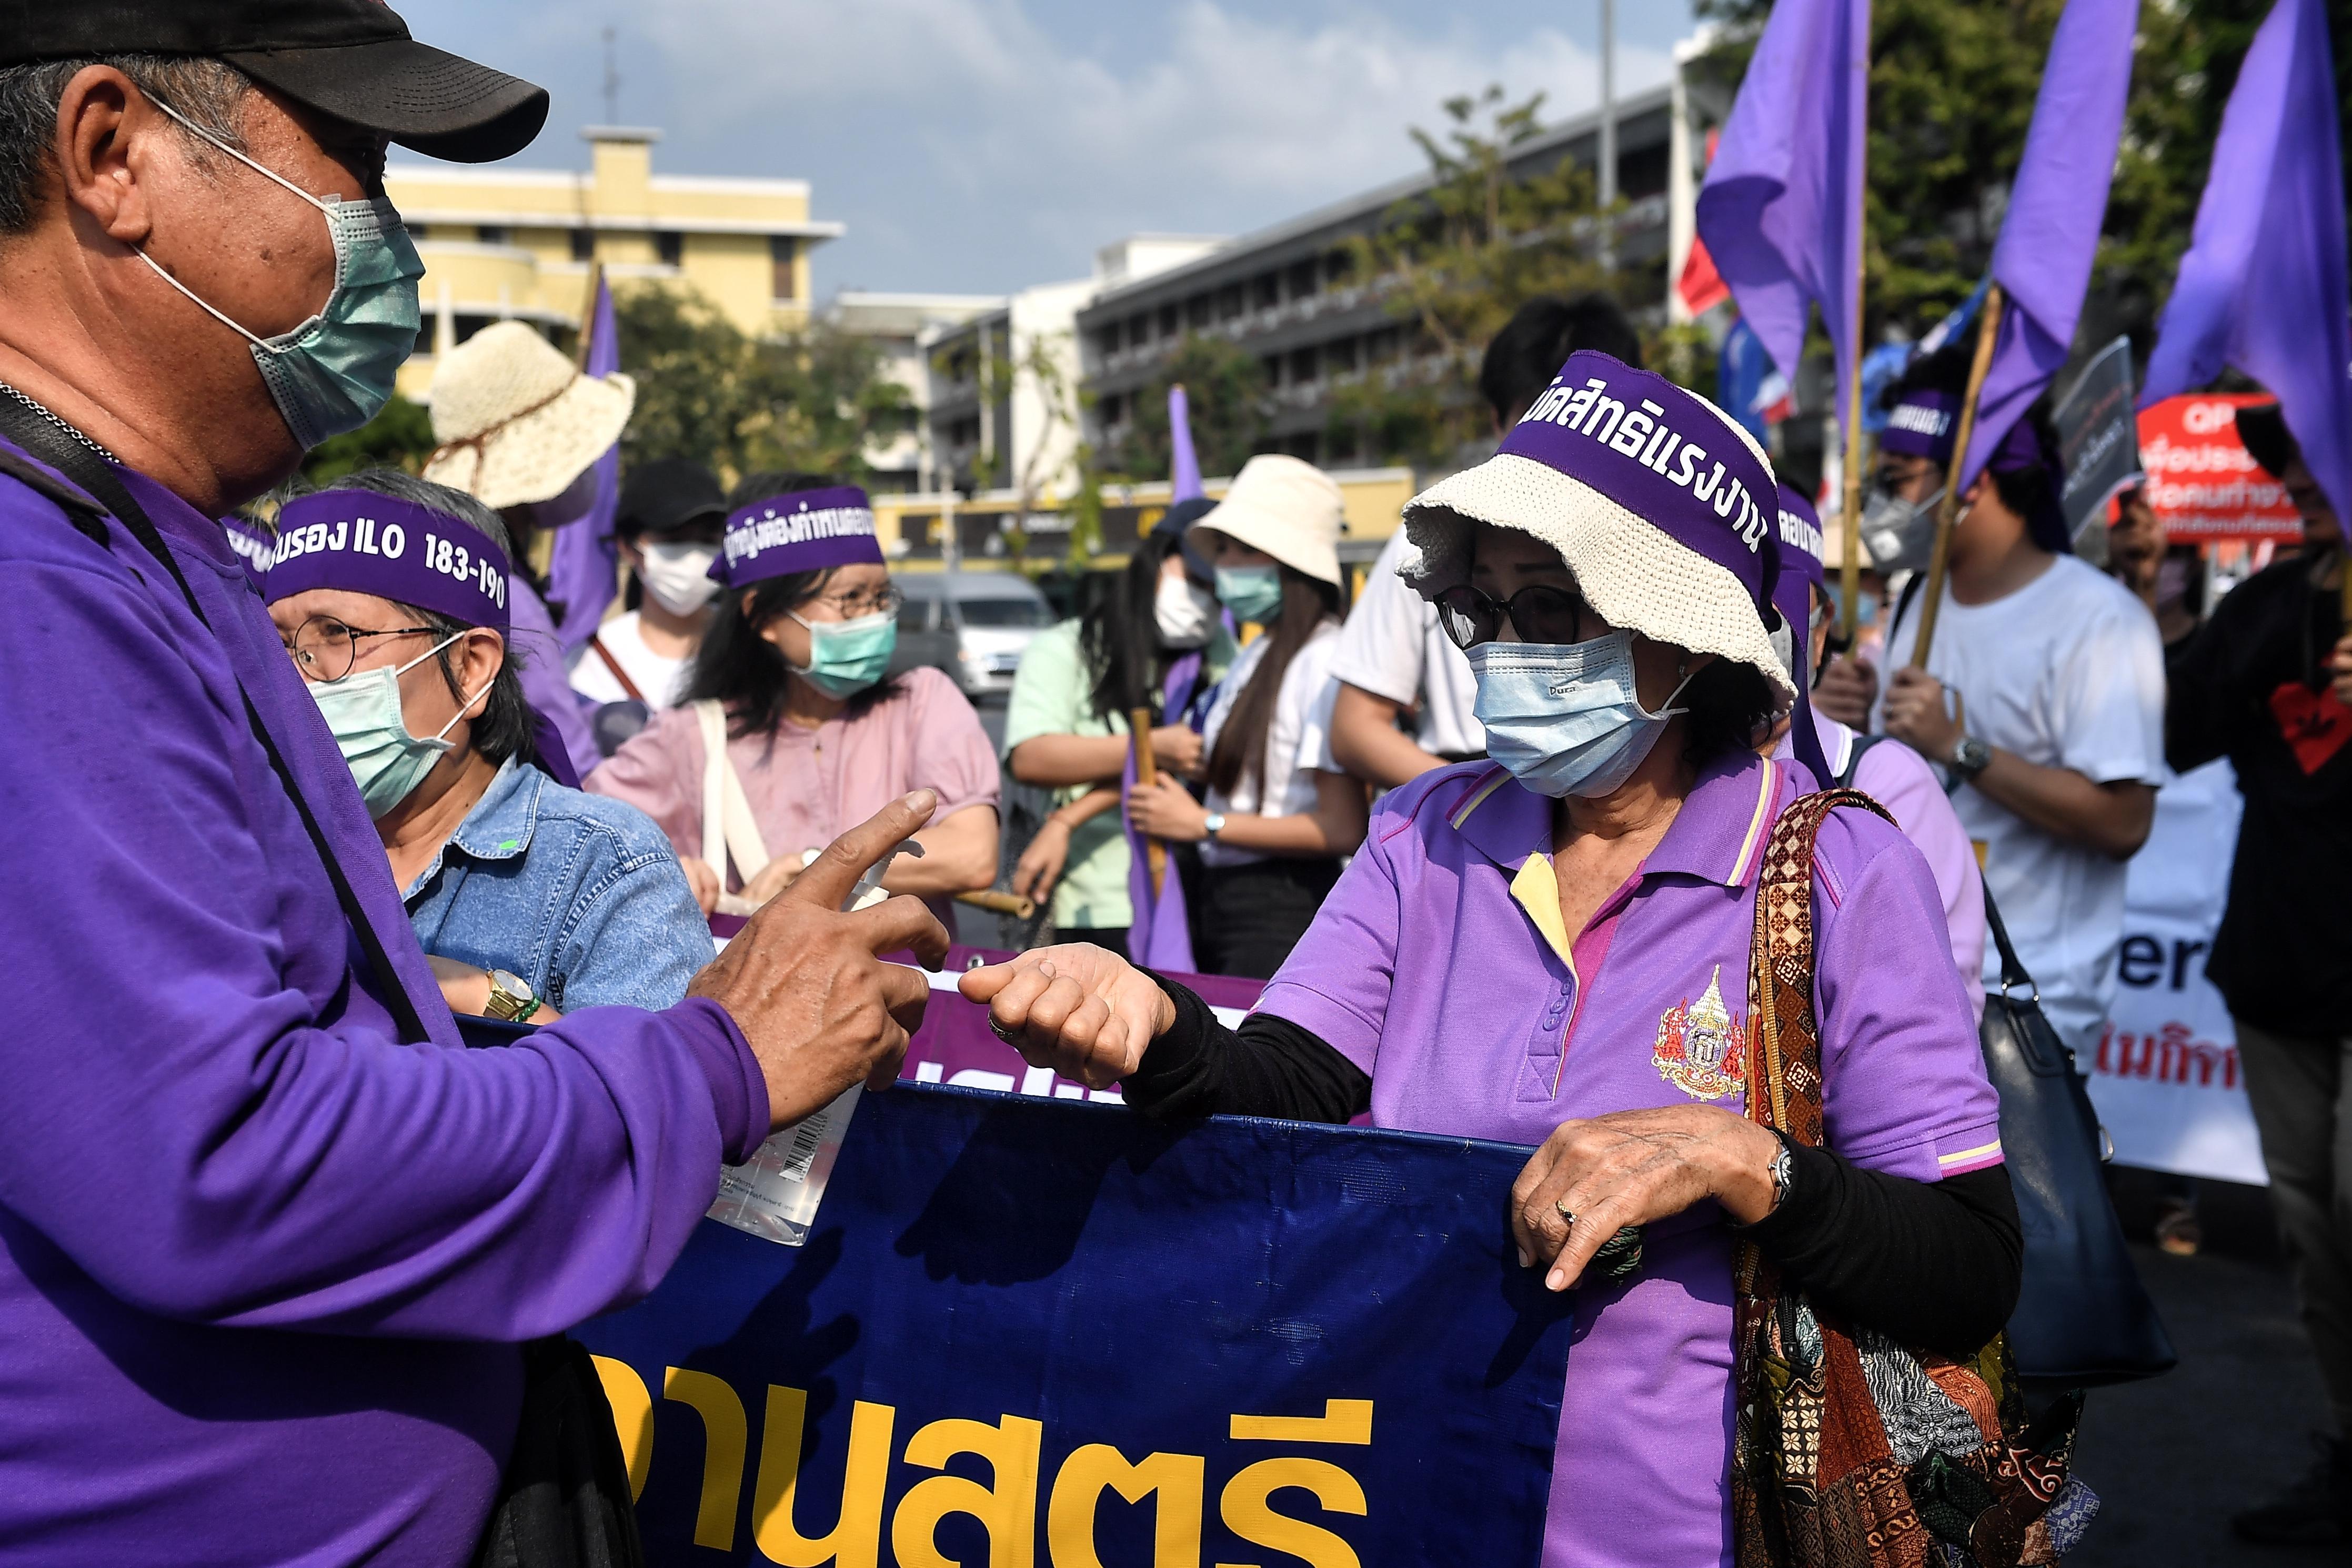 Miembros de grupos de derechos laborales tailandeses y sindicatos de empresas estatales reciben desinfectante para manos durante una marcha por los derechos laborales en el Día Internacional de la Mujer en Bangkok el 8 de marzo de 2020. (Foto de Lillian SUWANRUMPHA / AFP)